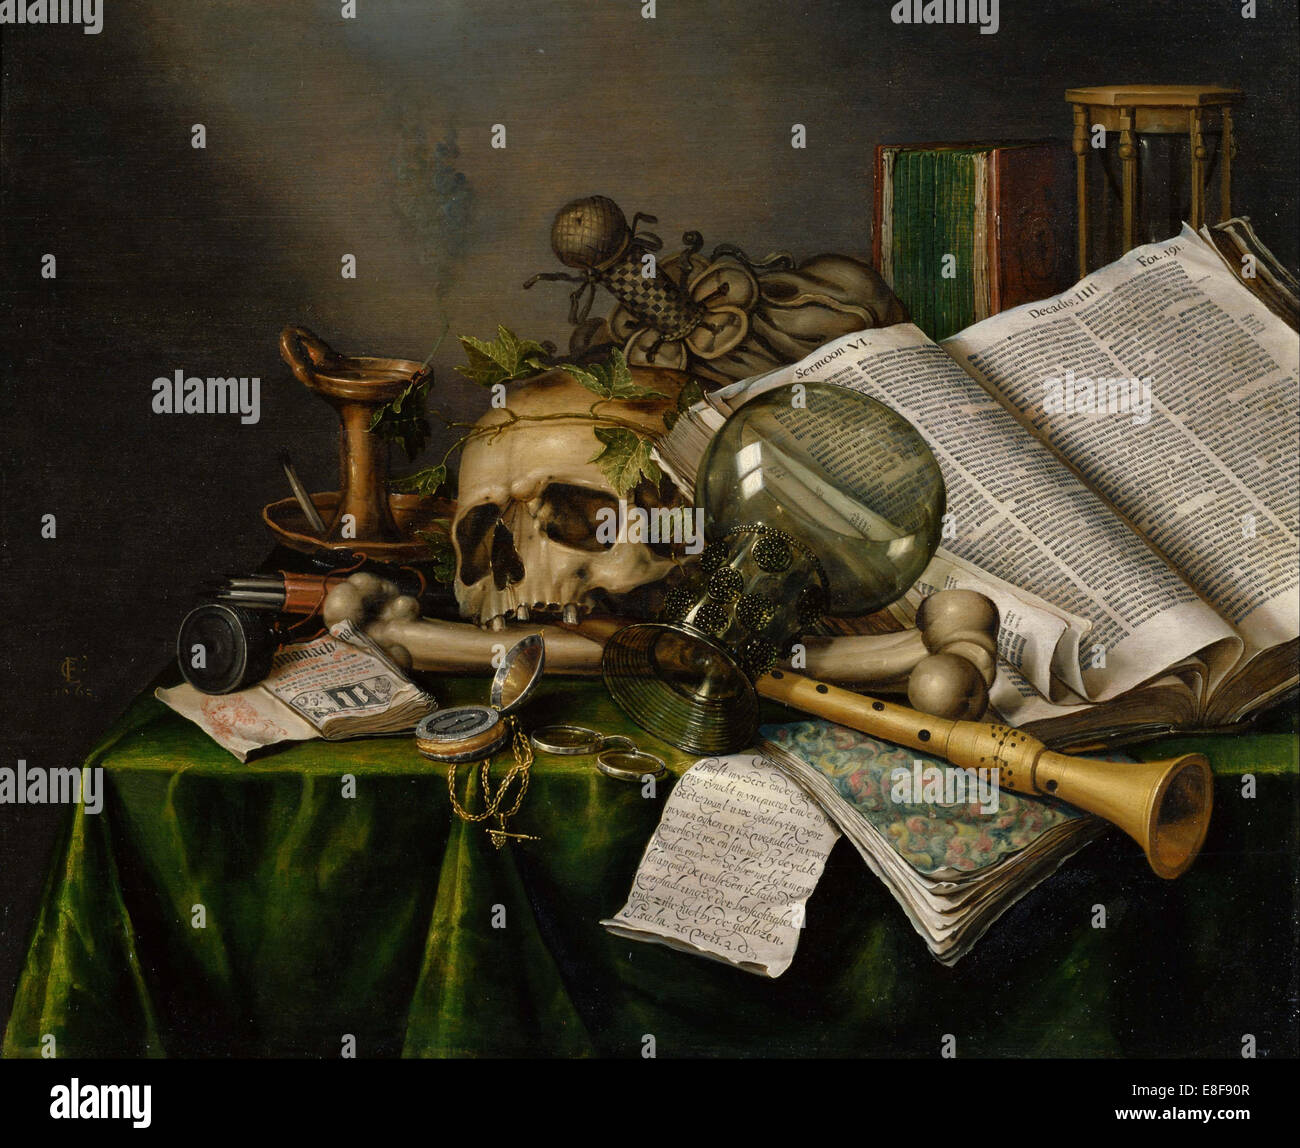 Vanitas. Stillleben mit Büchern, Manuskripten und einen Schädel. Künstler: Collier, Edward (aktive Stockbild